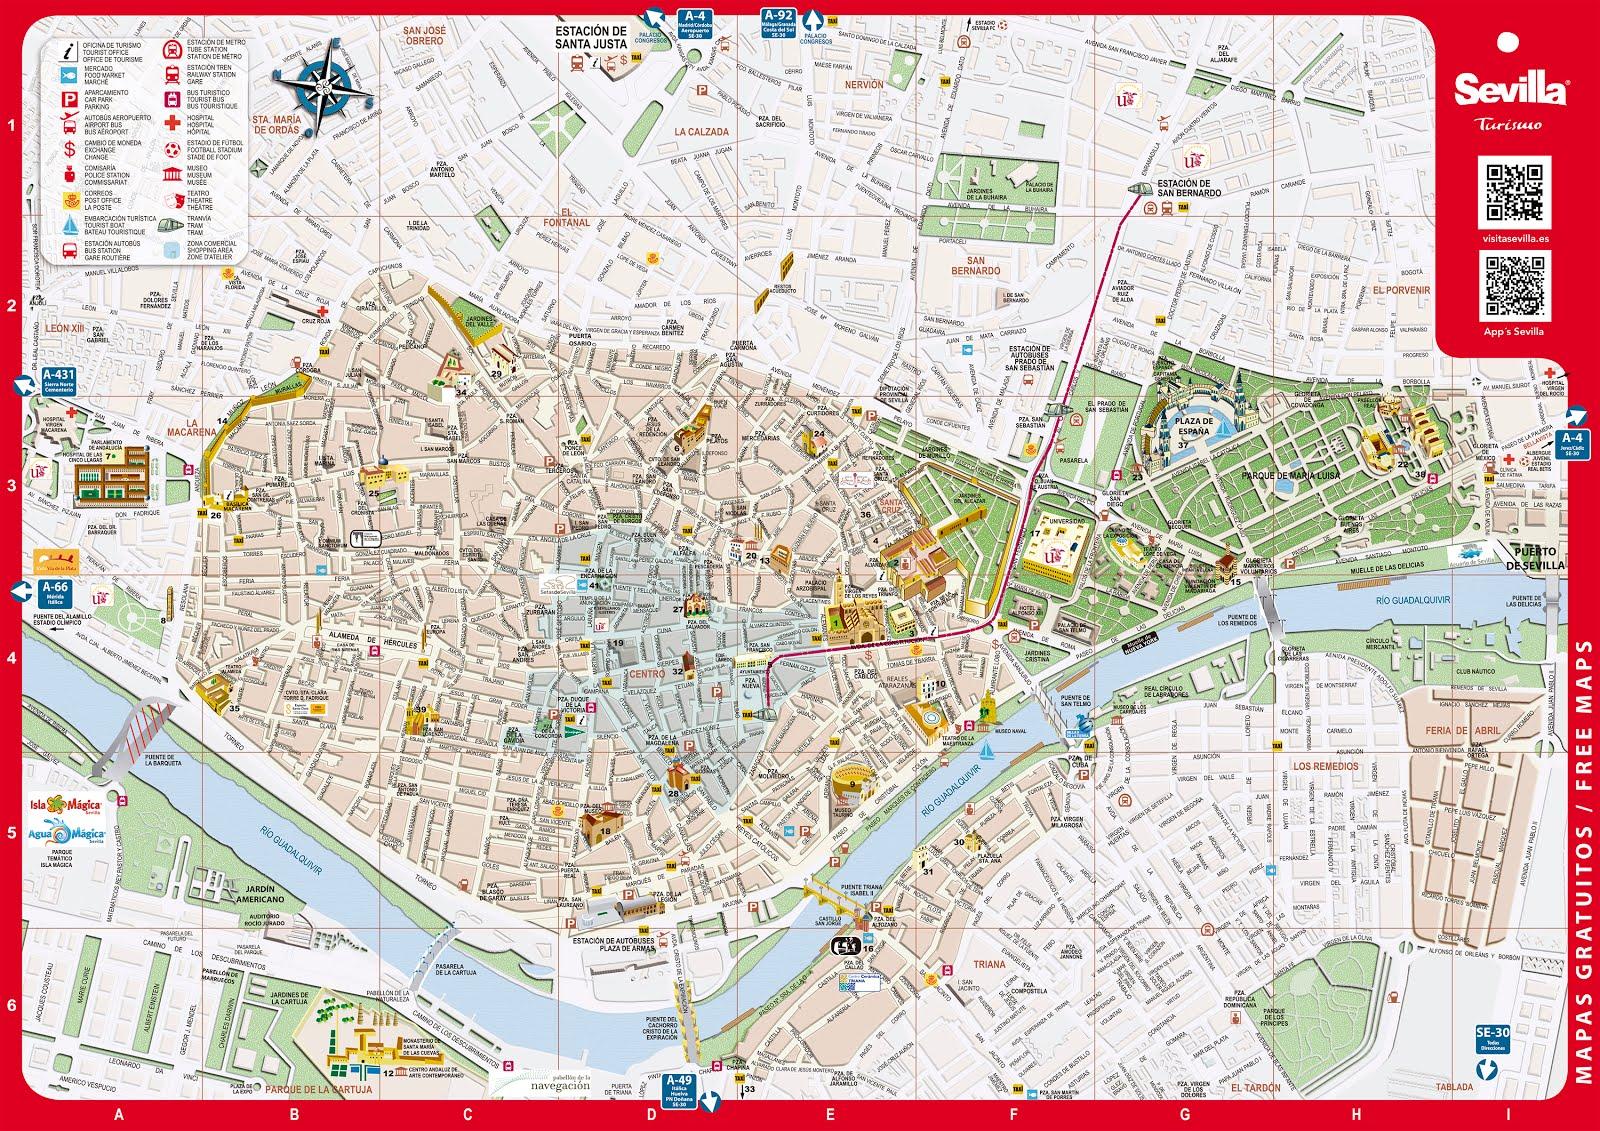 Plano de Sevilla Turística